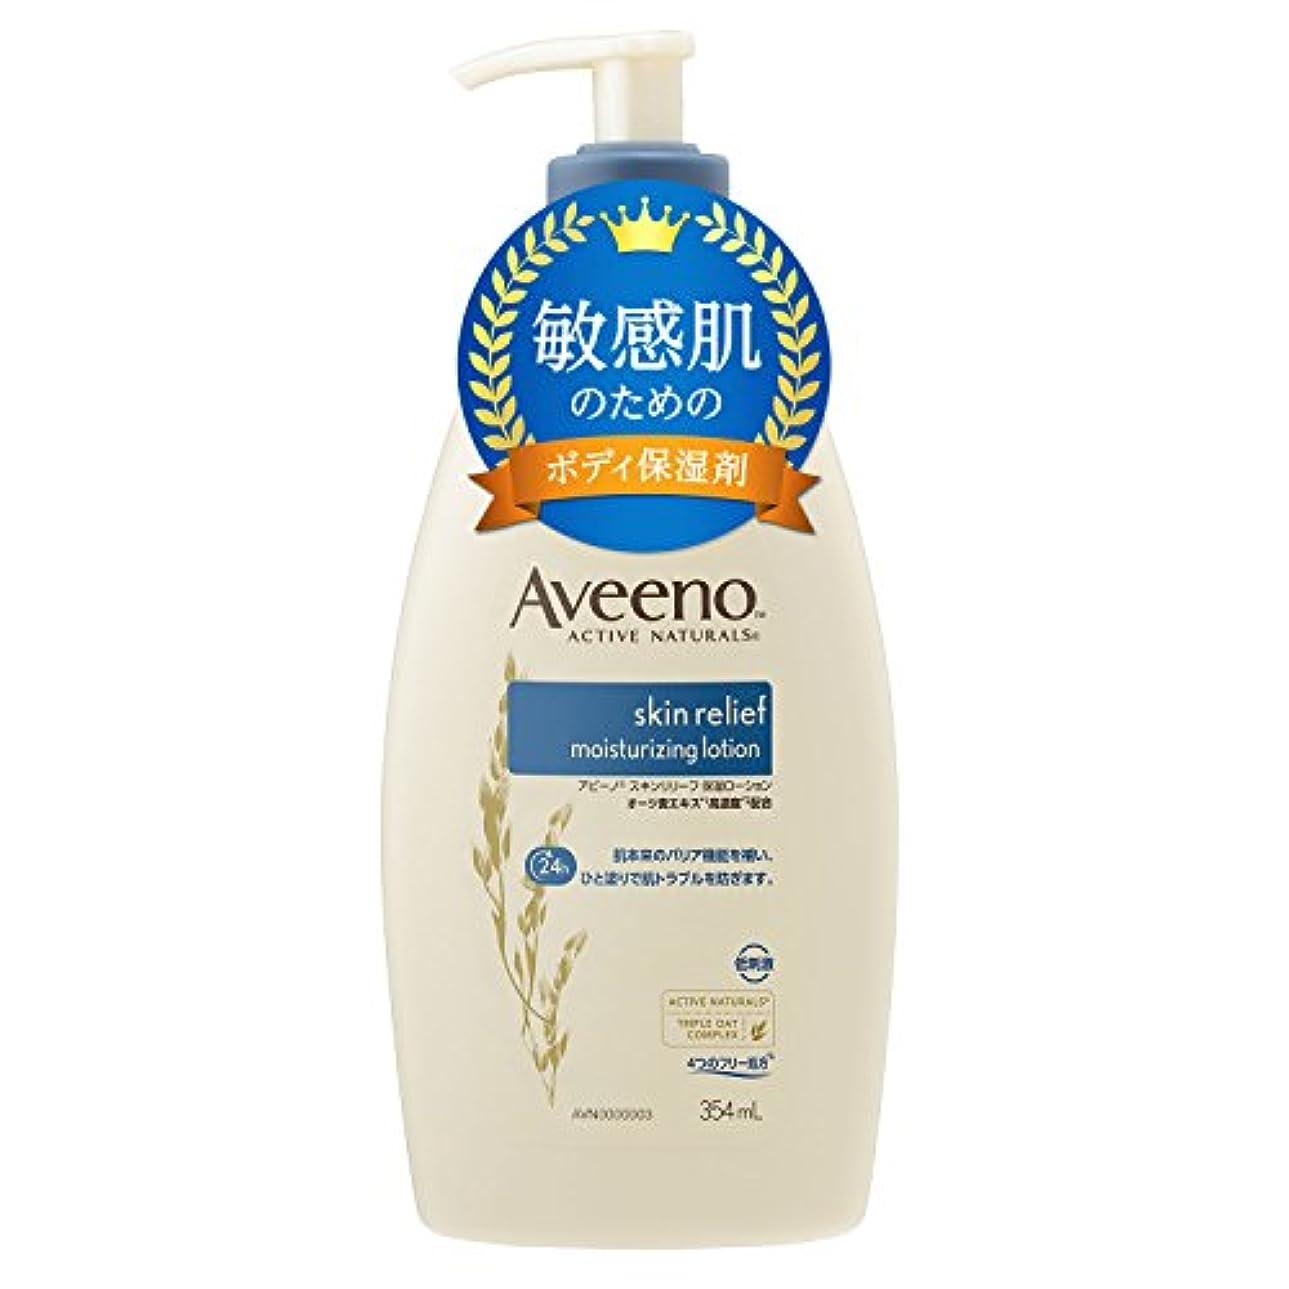 人気の修理可能獣【Amazon.co.jp限定】Aveeno(アビーノ) スキンリリーフ 保湿ローション 354ml 【極度の乾燥肌、敏感肌の方向け】